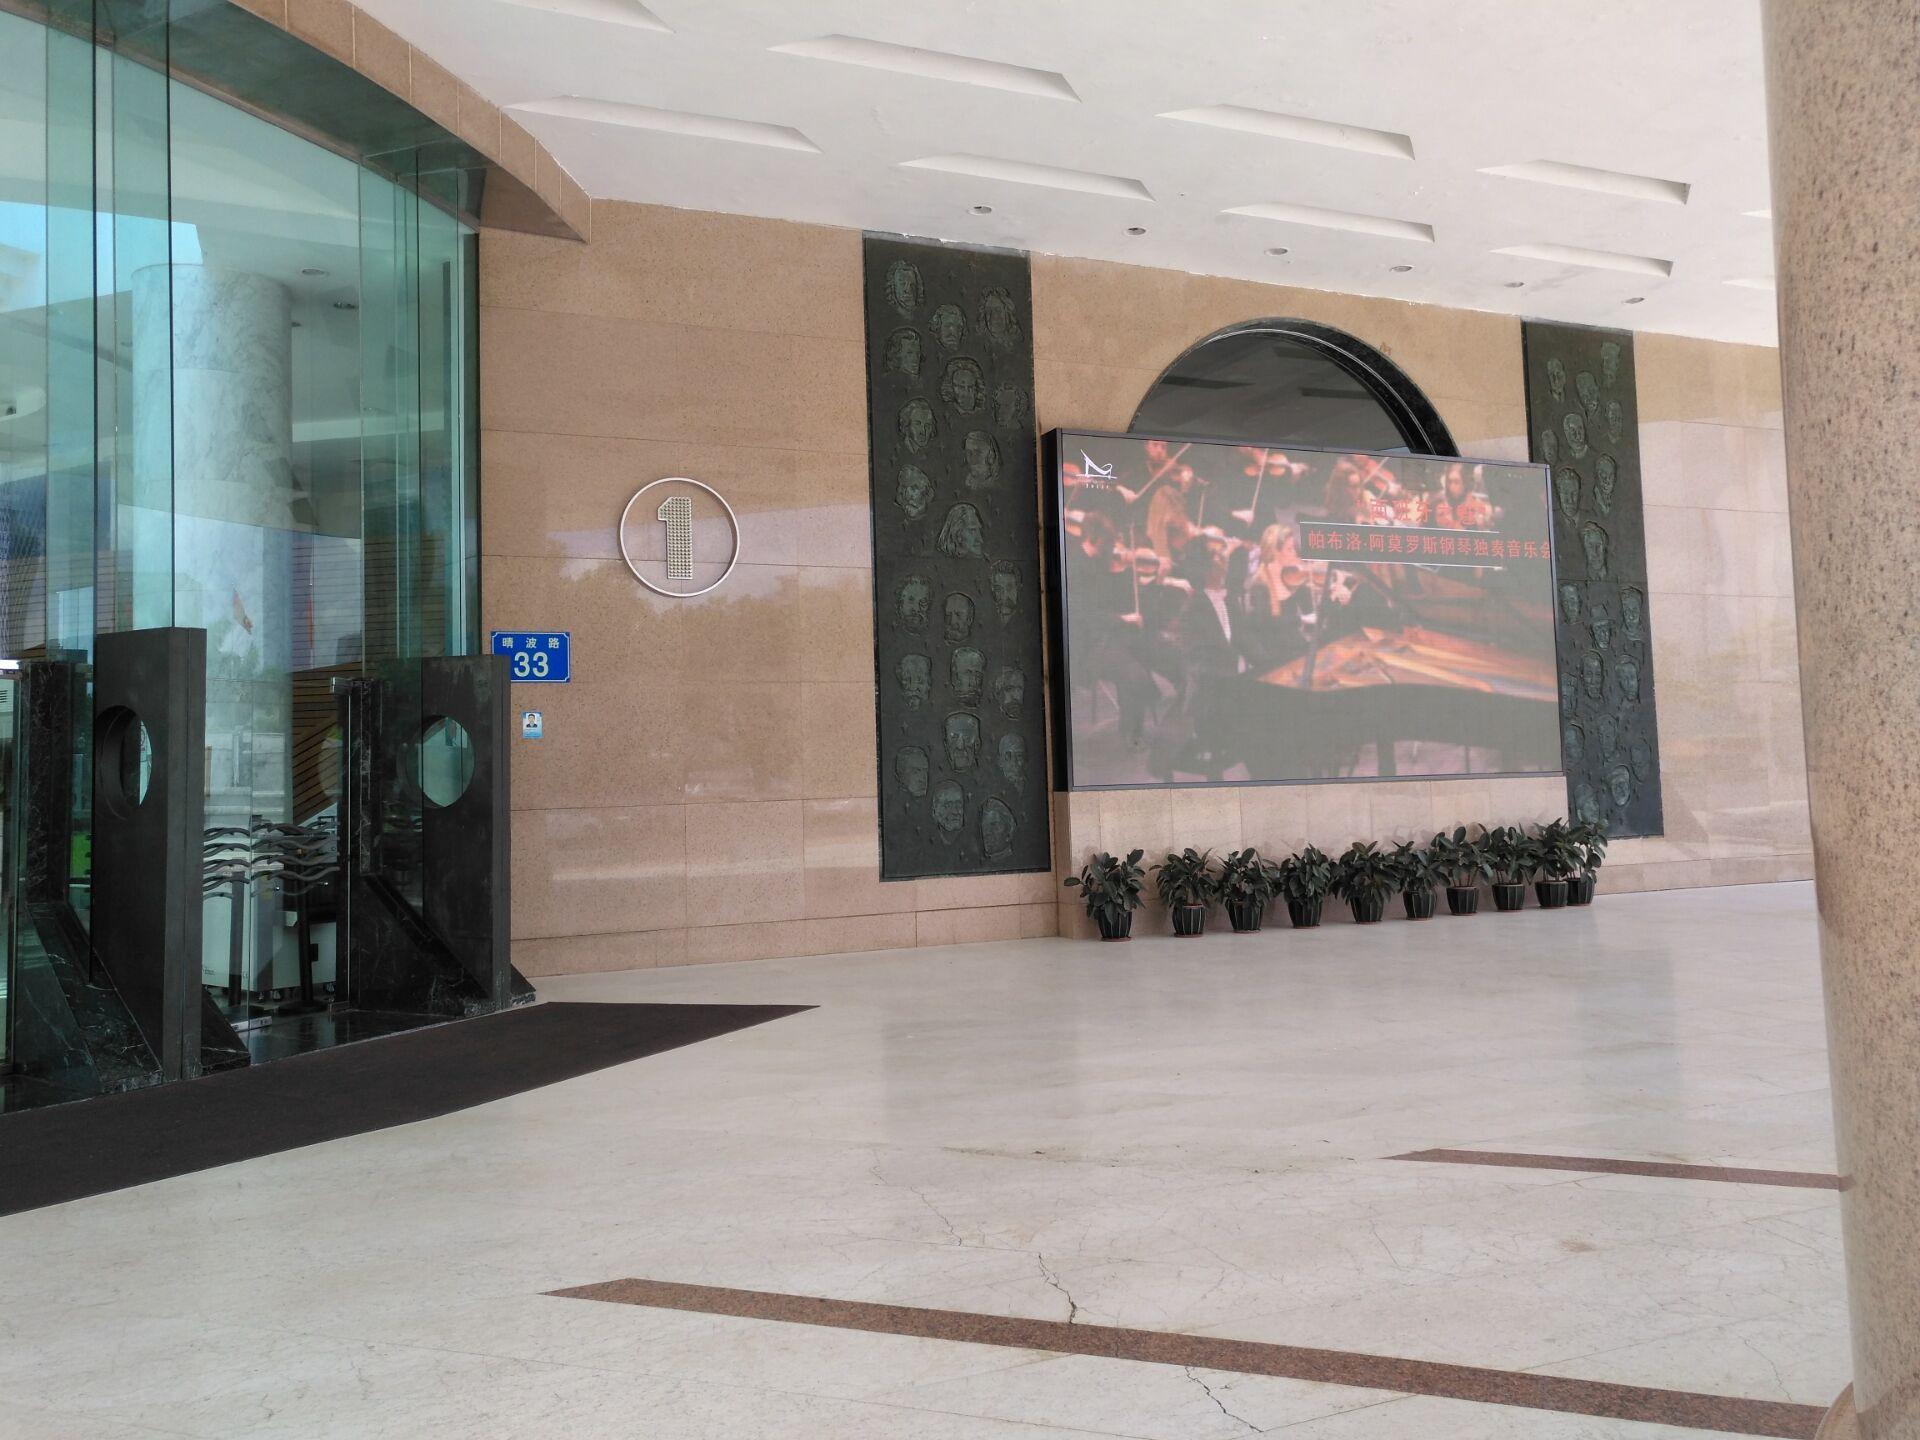 广东省广州市越秀区晴波路33号星海音乐厅